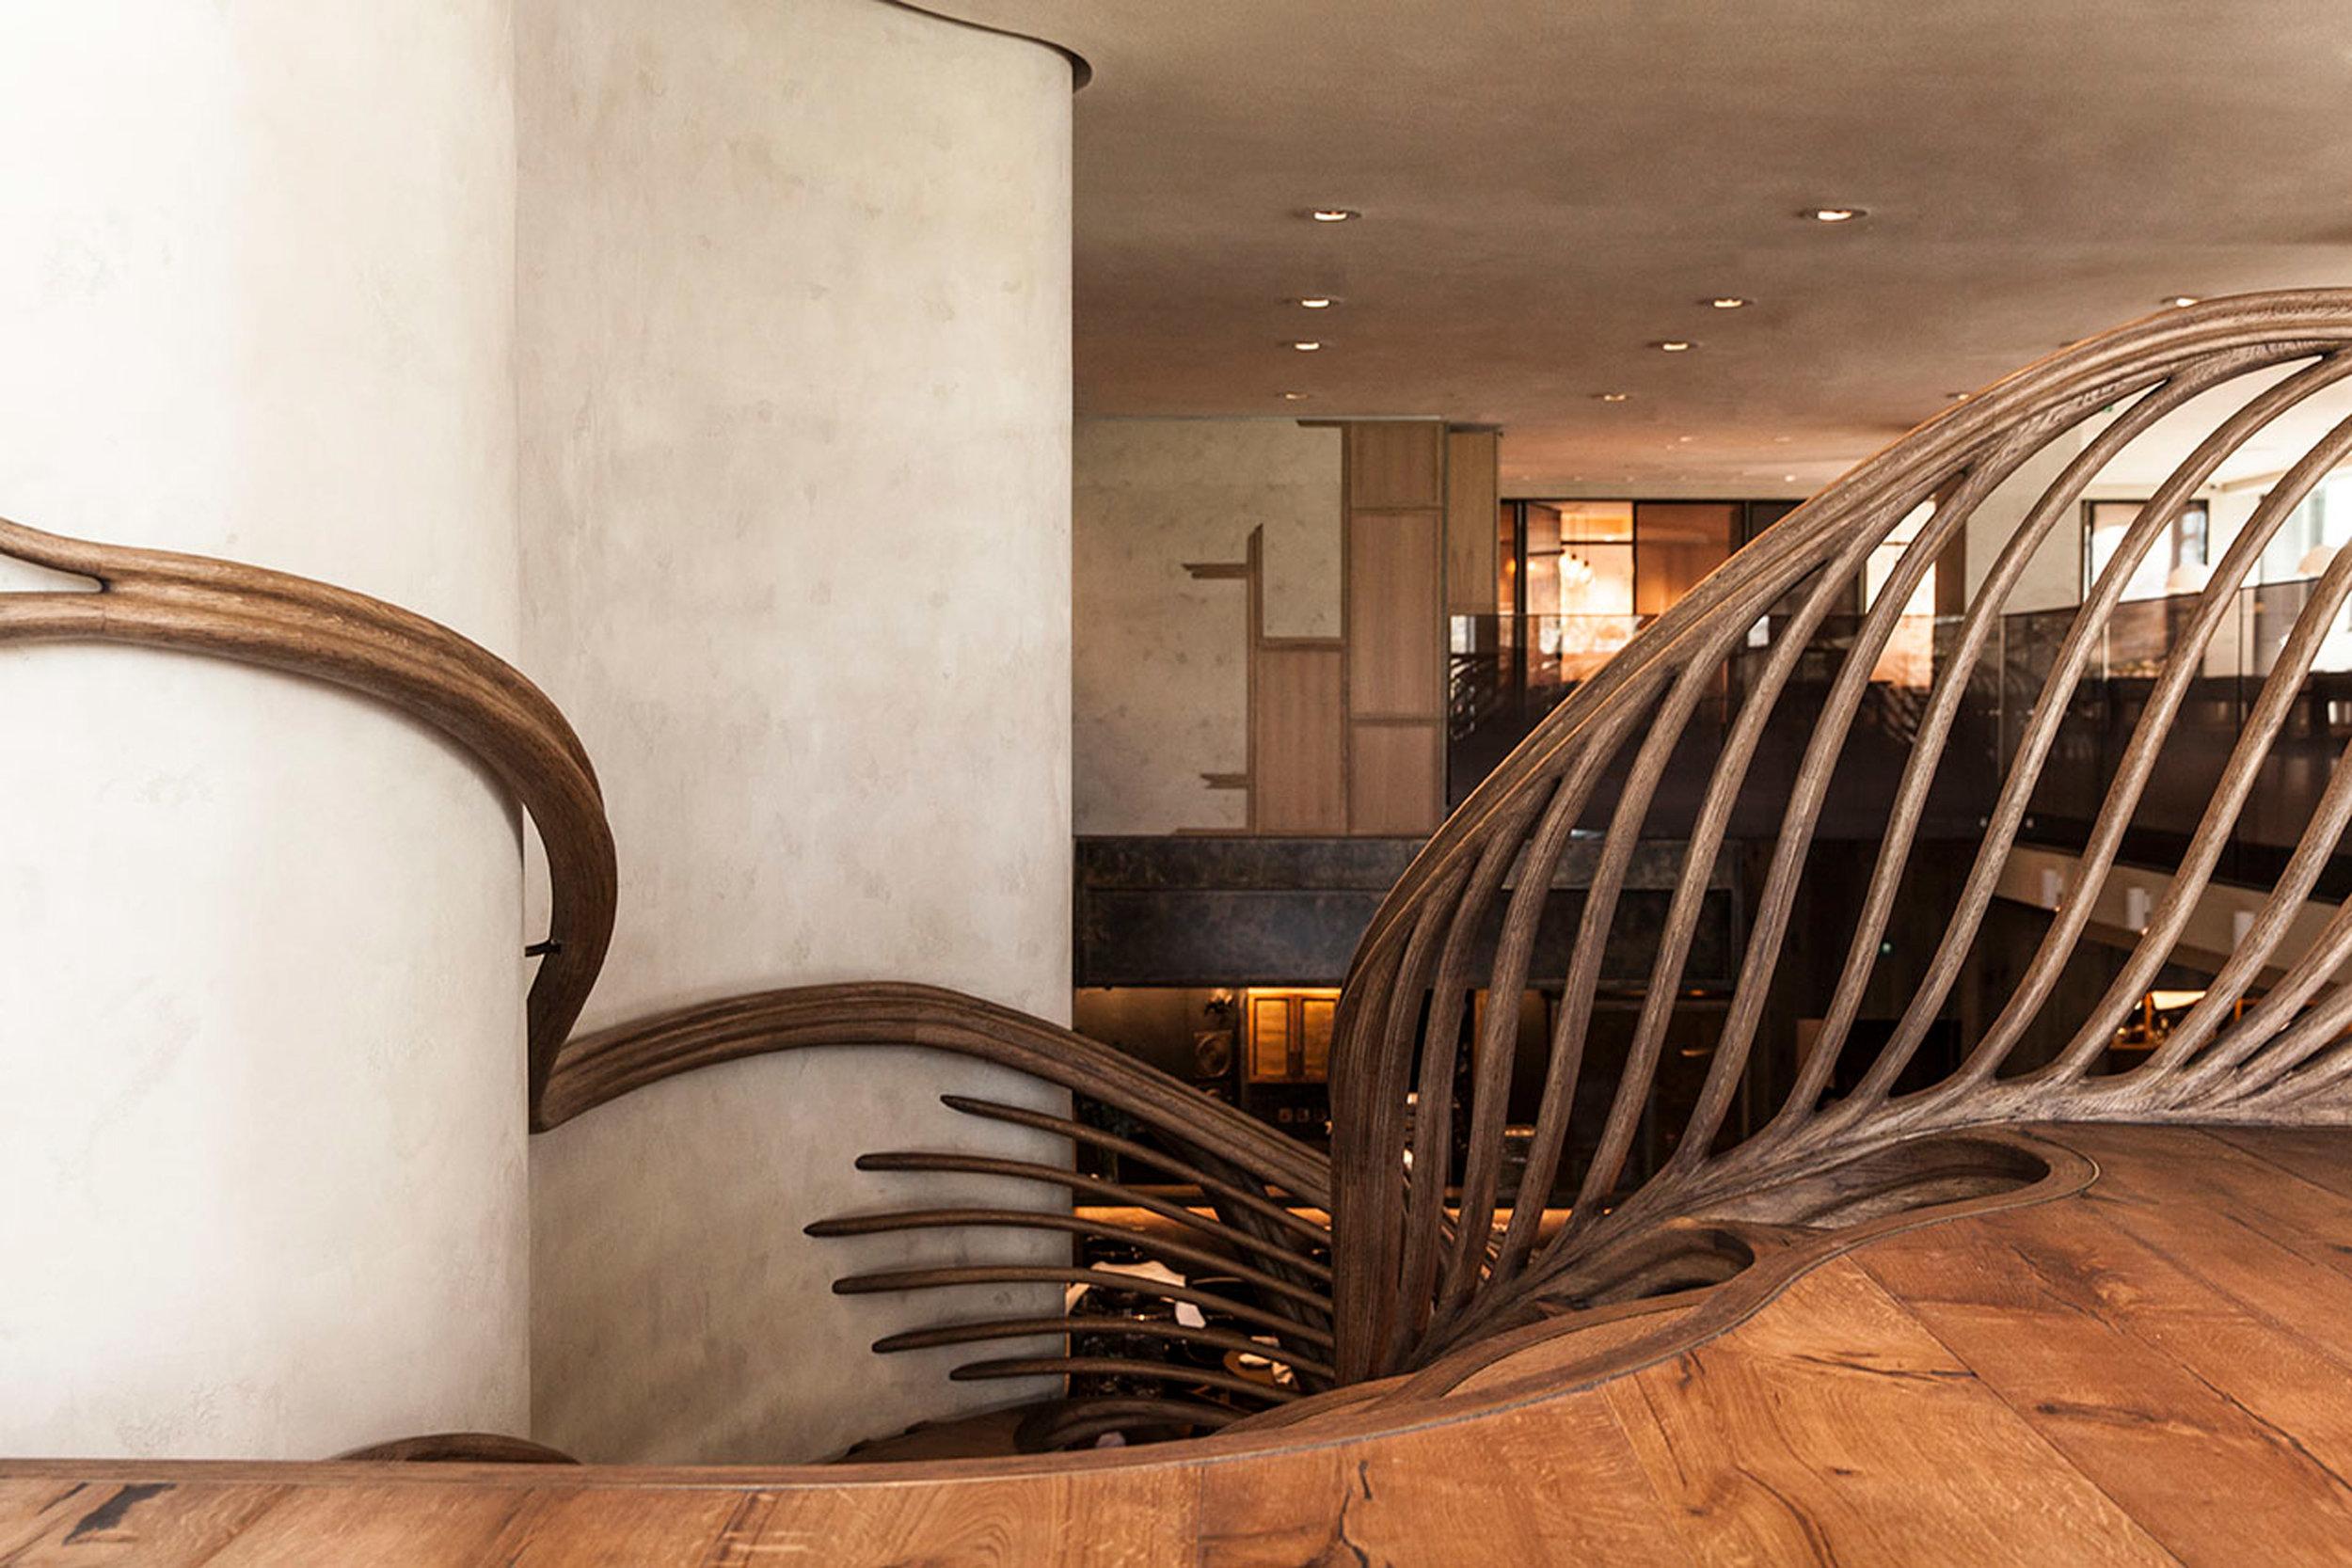 Hide-Restaurant-Dabbous-Interior-Designer-Atmost-Staircase-Above-Mezzanine-TWW.jpg